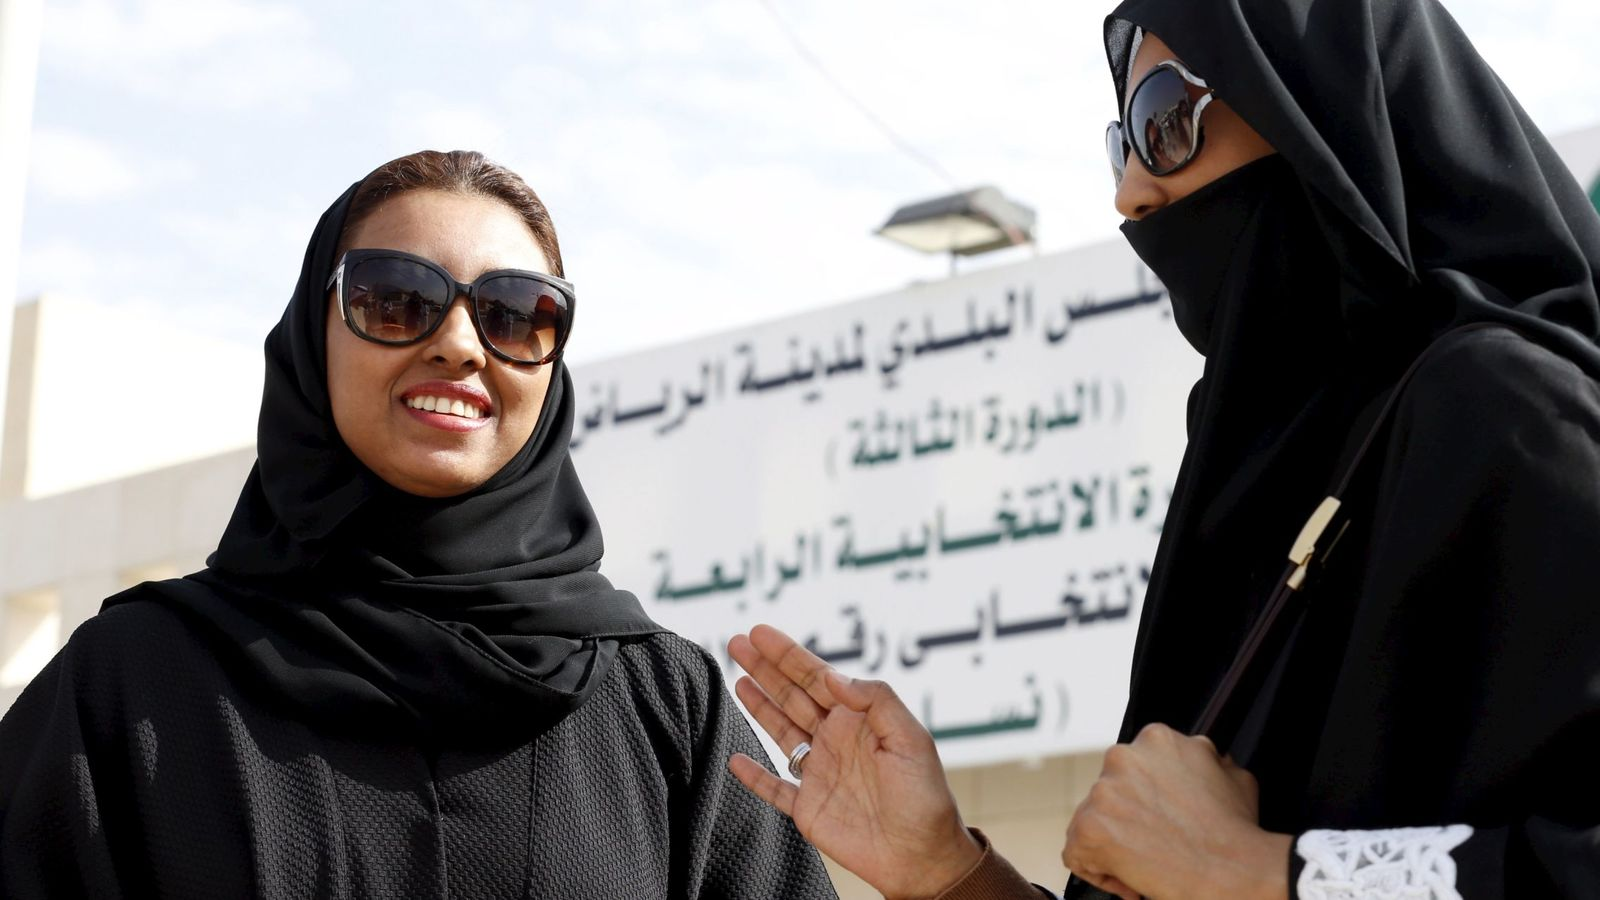 Ley acaba con insólita práctica de divorcios secretos en Arabia Saudí